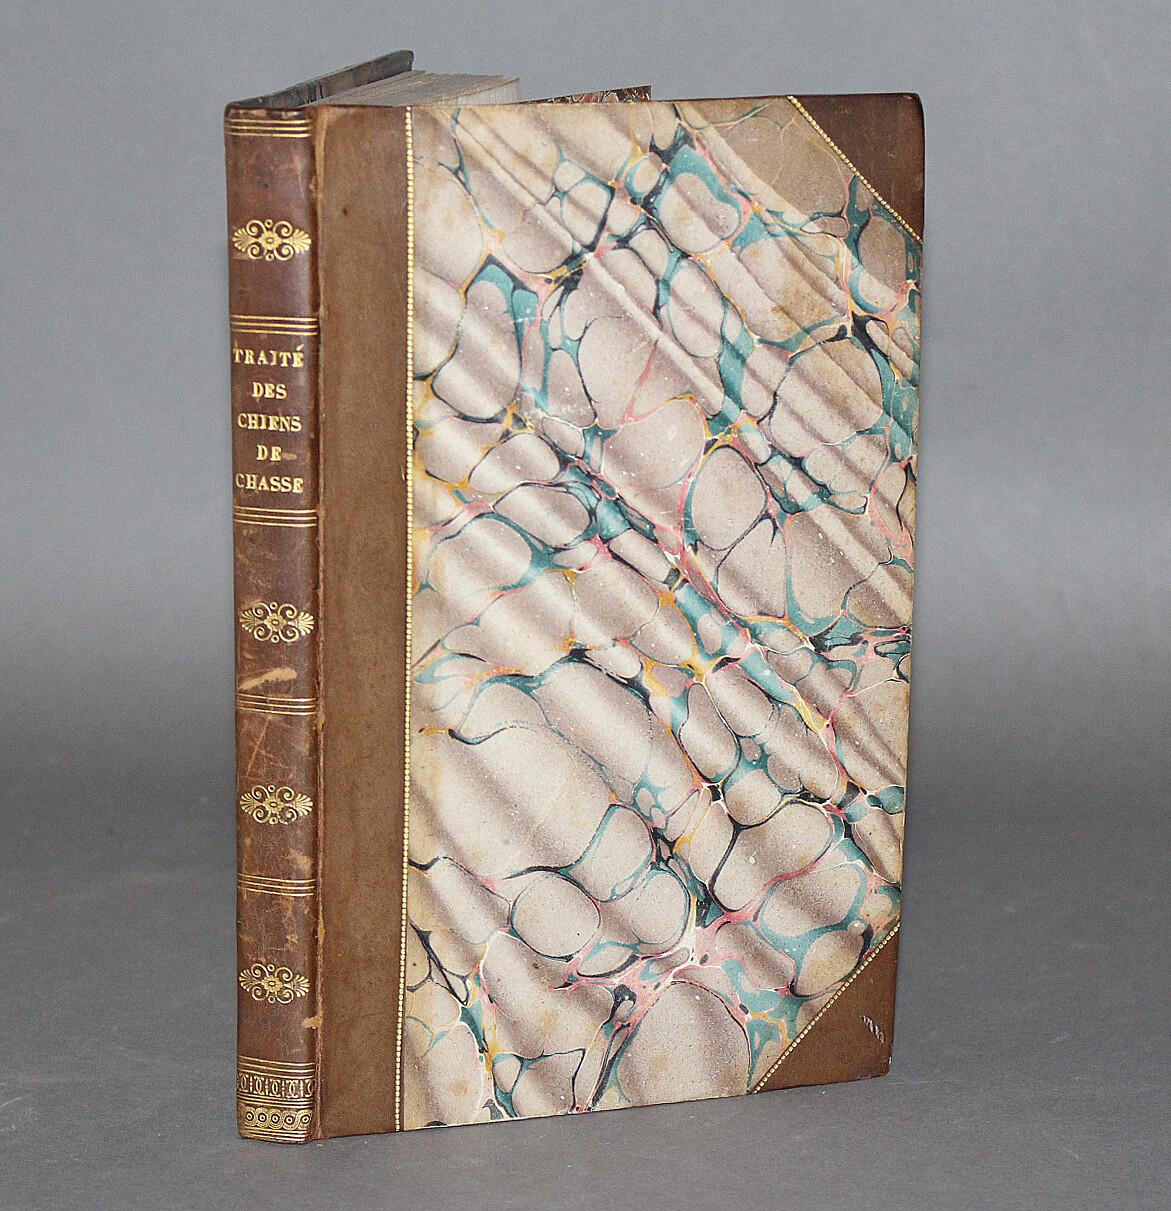 ROUSSELON.- Traité des chiens de chasse, 1827. Agréable exemplaire de la bibliothèque du duc d'Uzès au château de Bonnelles.